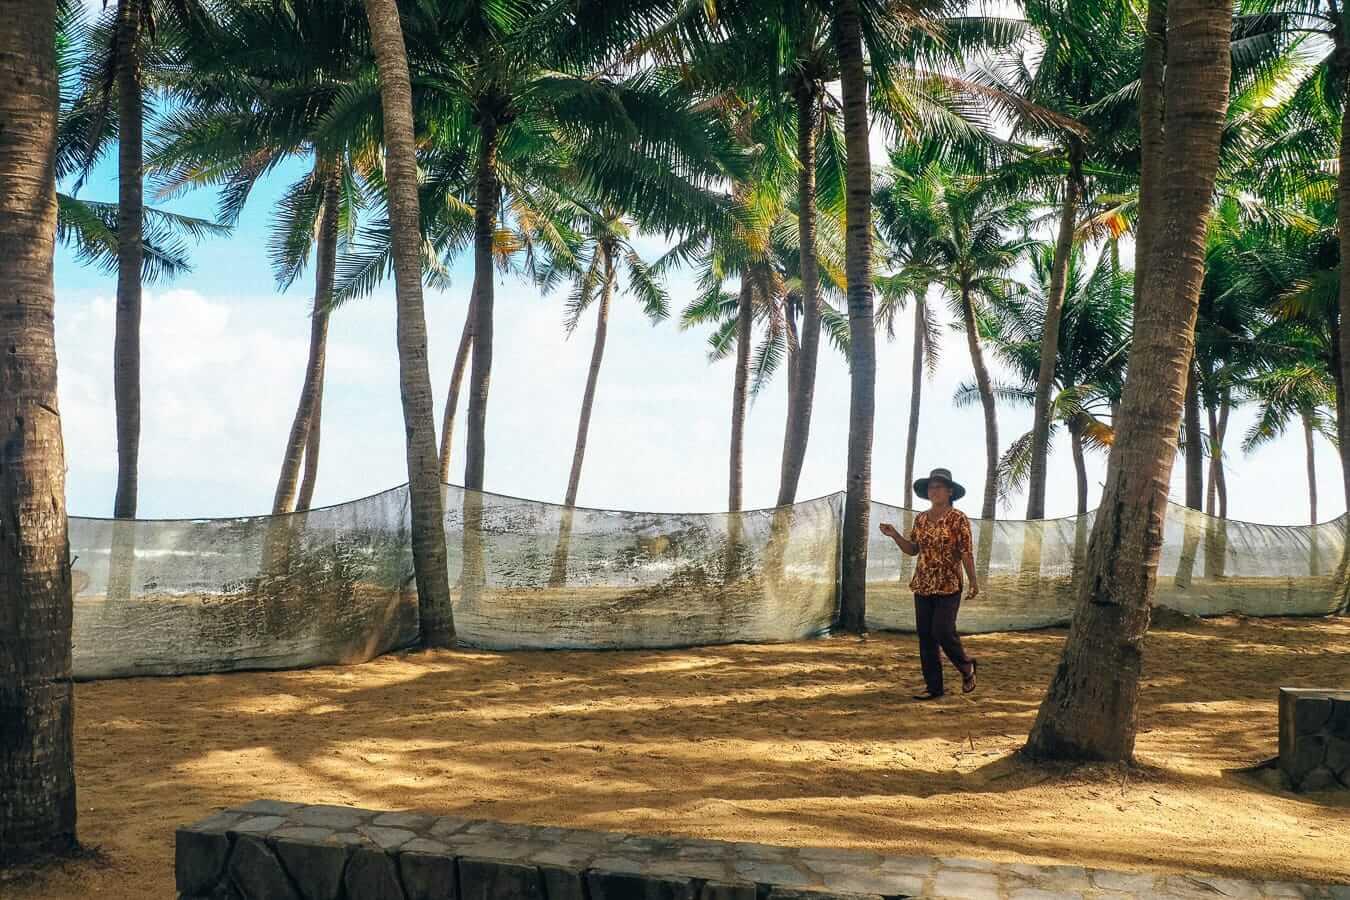 Palm trees on Cua Dai beach: Hoi An's beaches